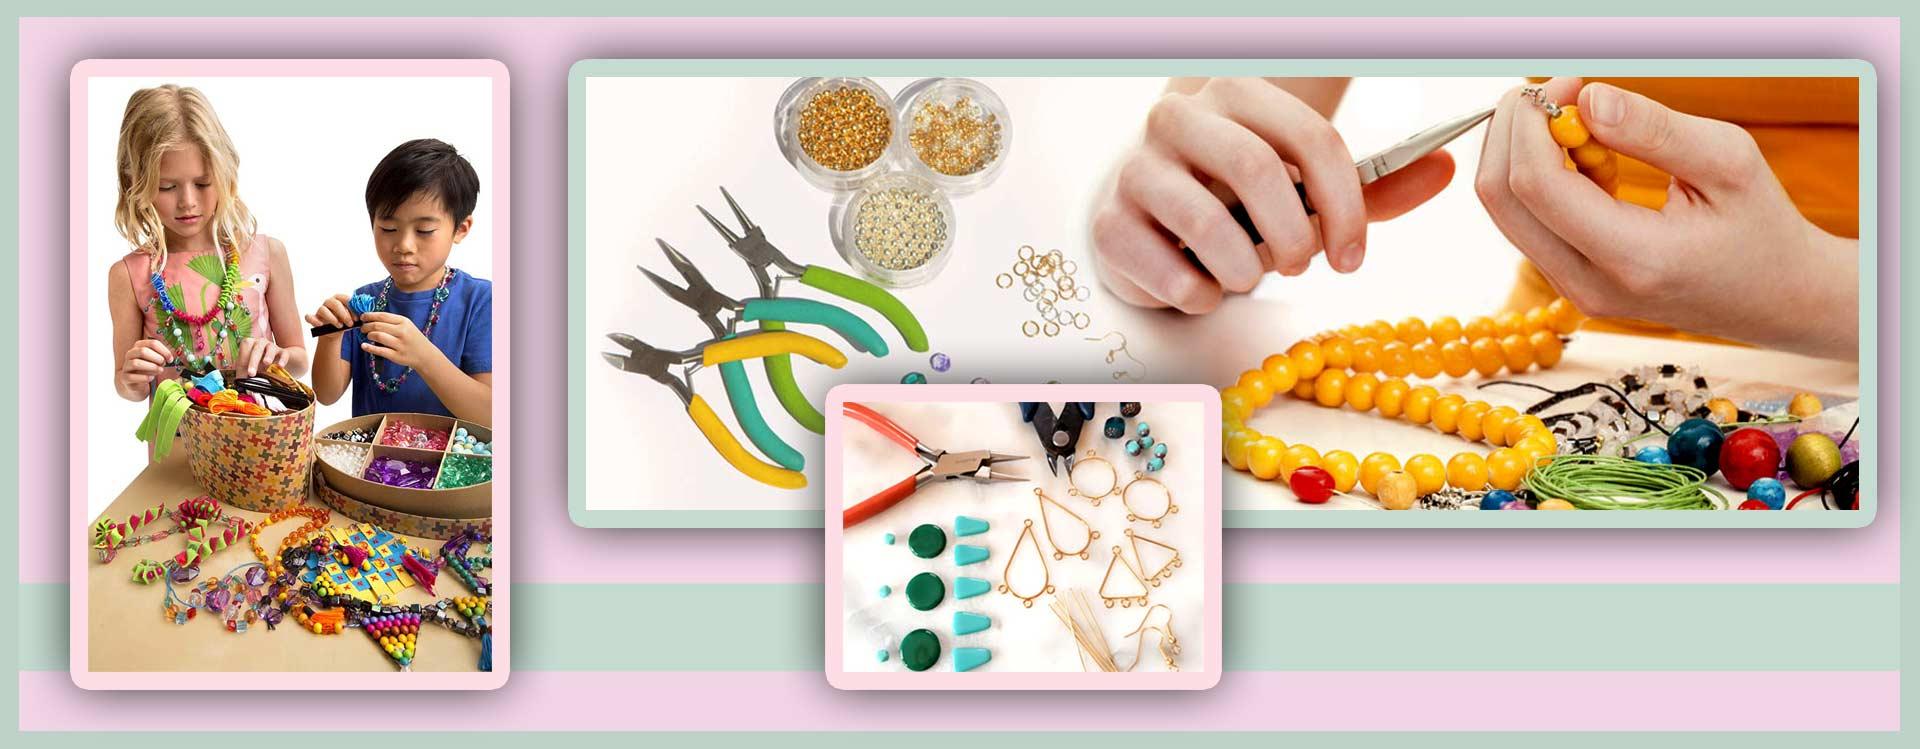 آموزش جواهرسازی در منزل